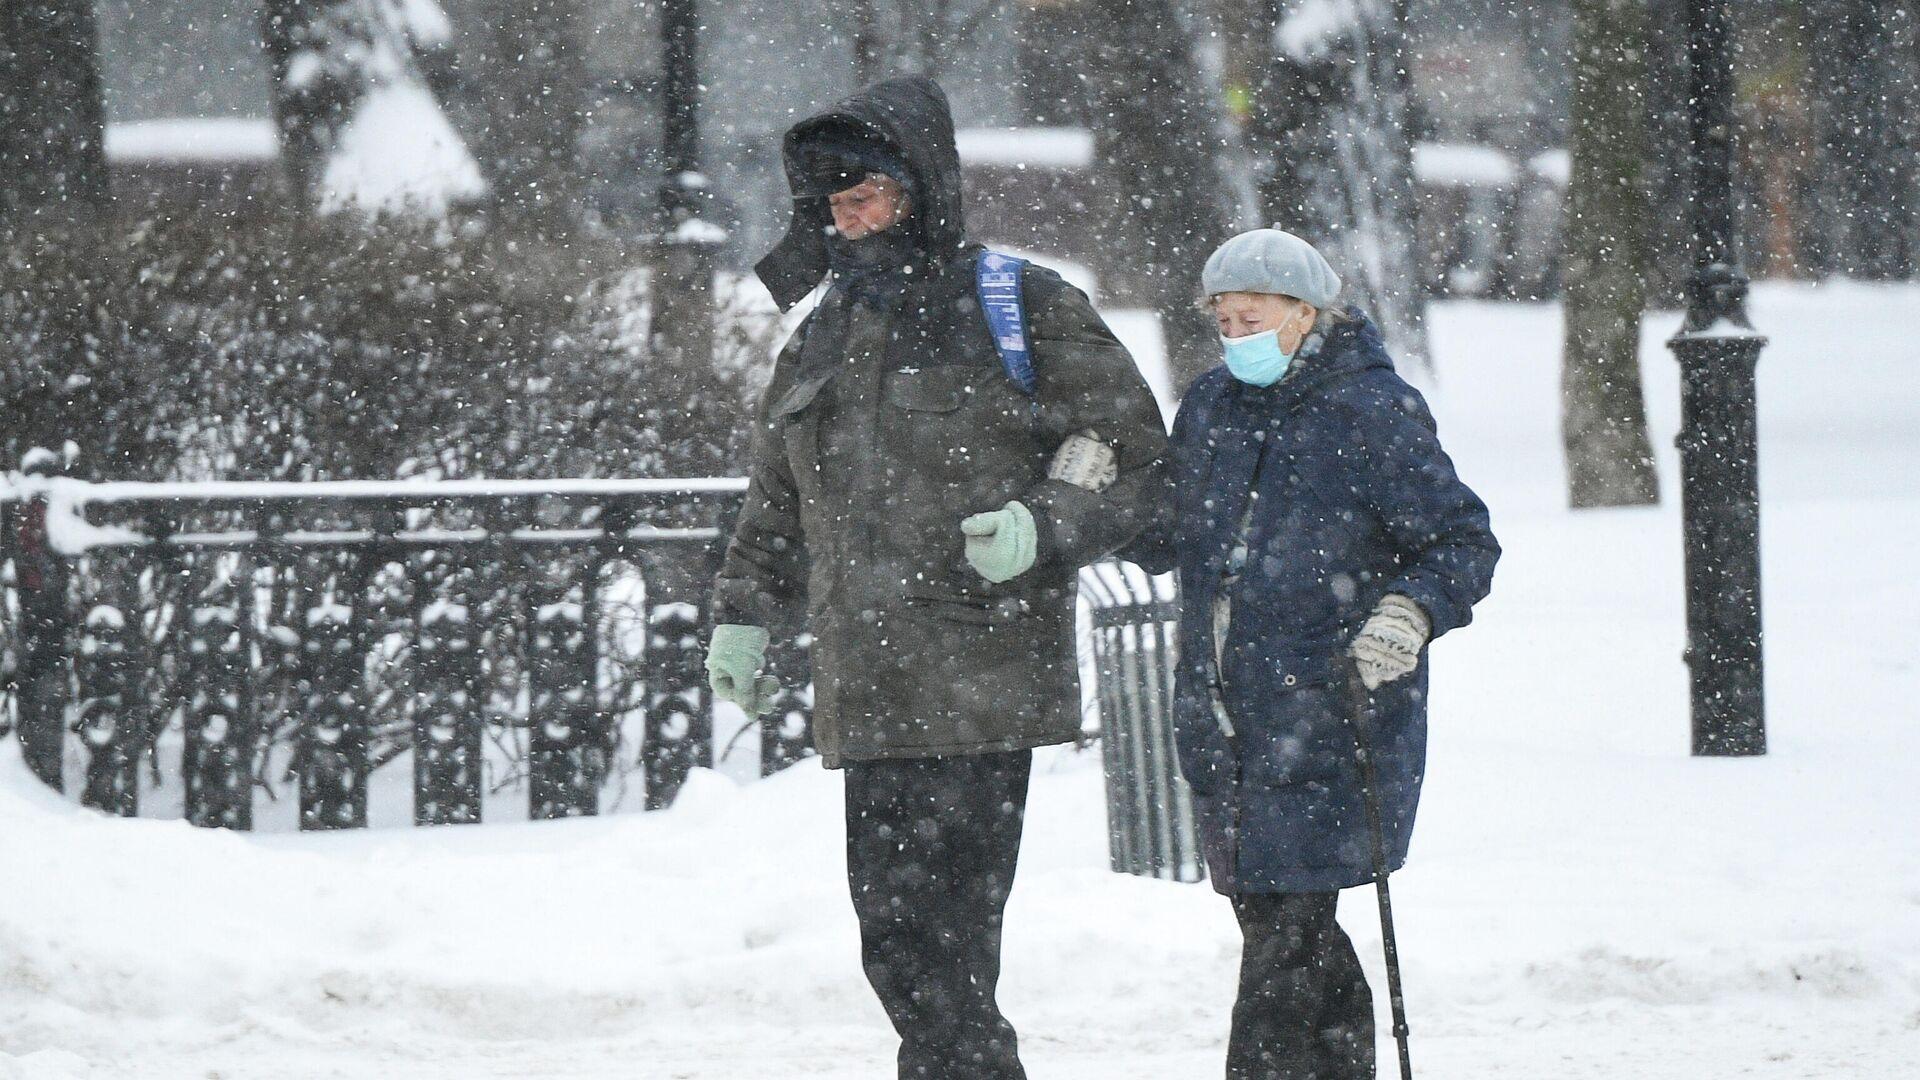 Прохожие идут по Каланчевской улице в Москве во время снегопада - РИА Новости, 1920, 15.01.2021